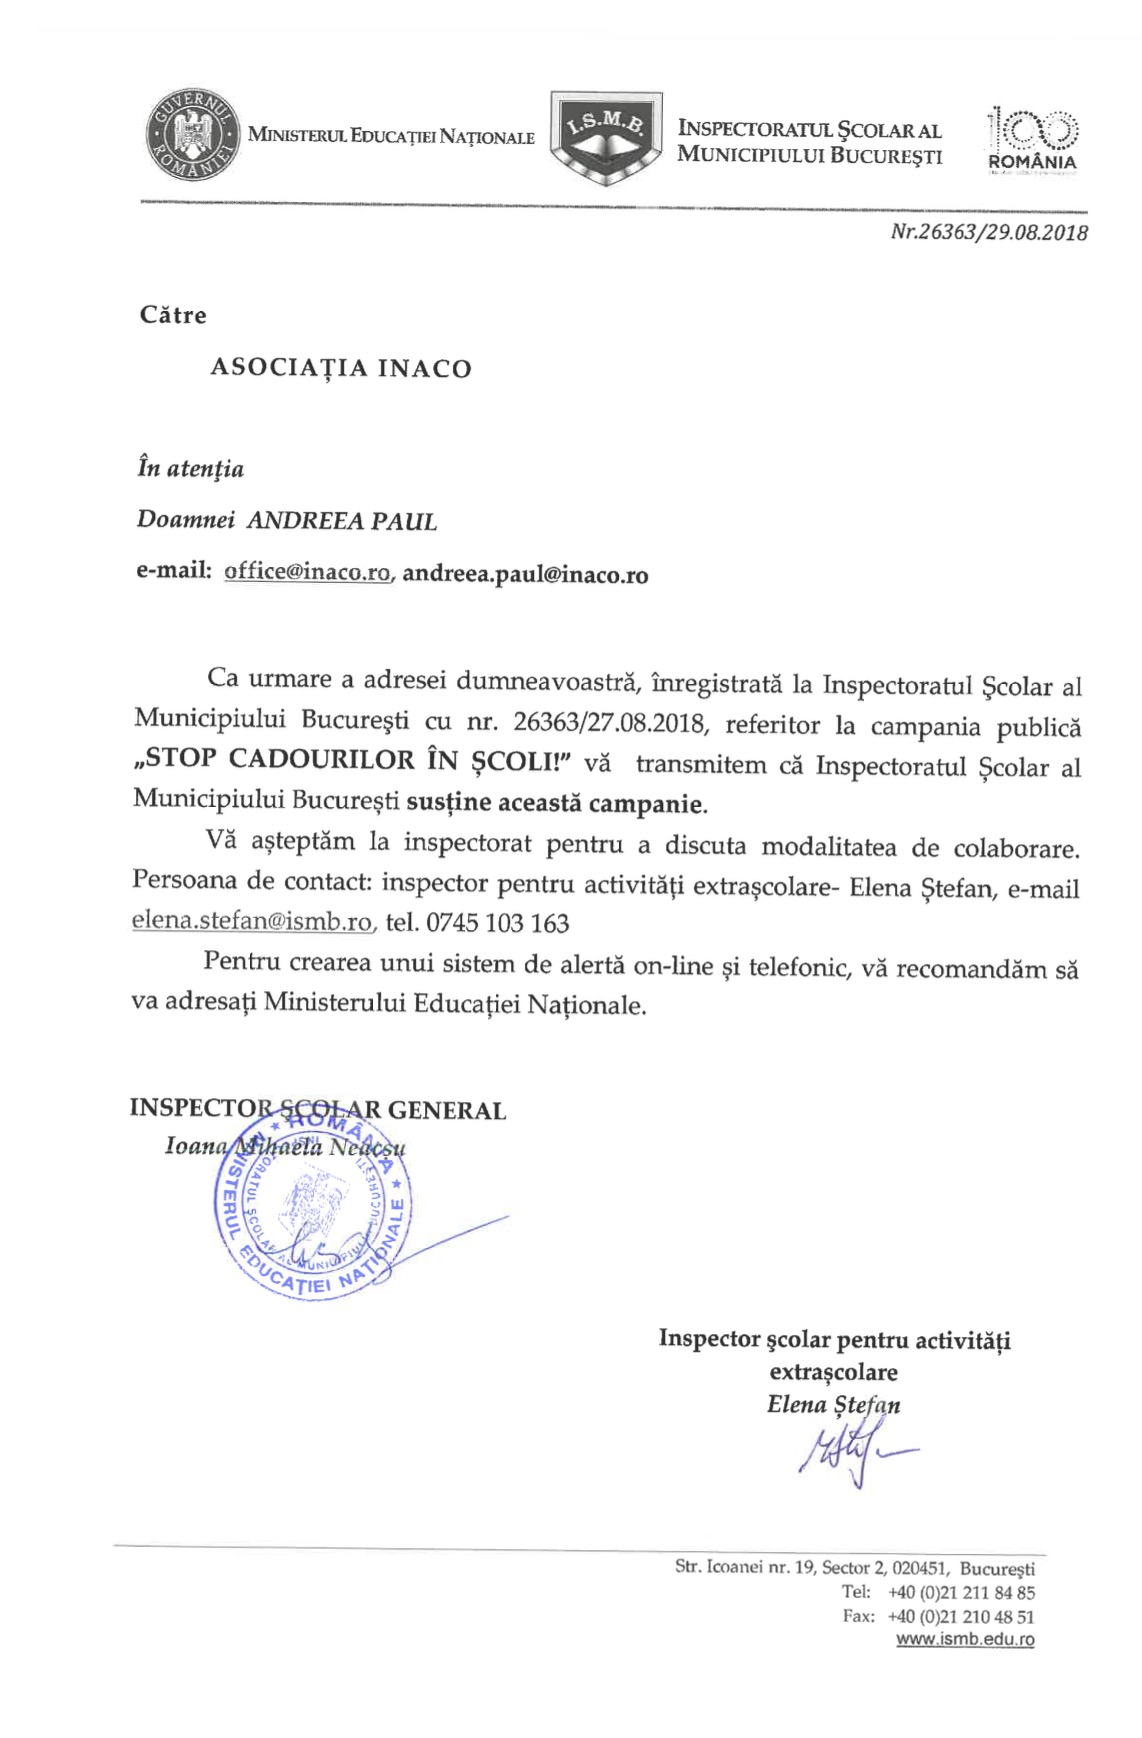 Inspectoratul Școlar al Municipiului București susține oficial campania lansată de organizația neguvernamentală INACO: STOP CADOURILOR ÎN ȘCOALĂ!